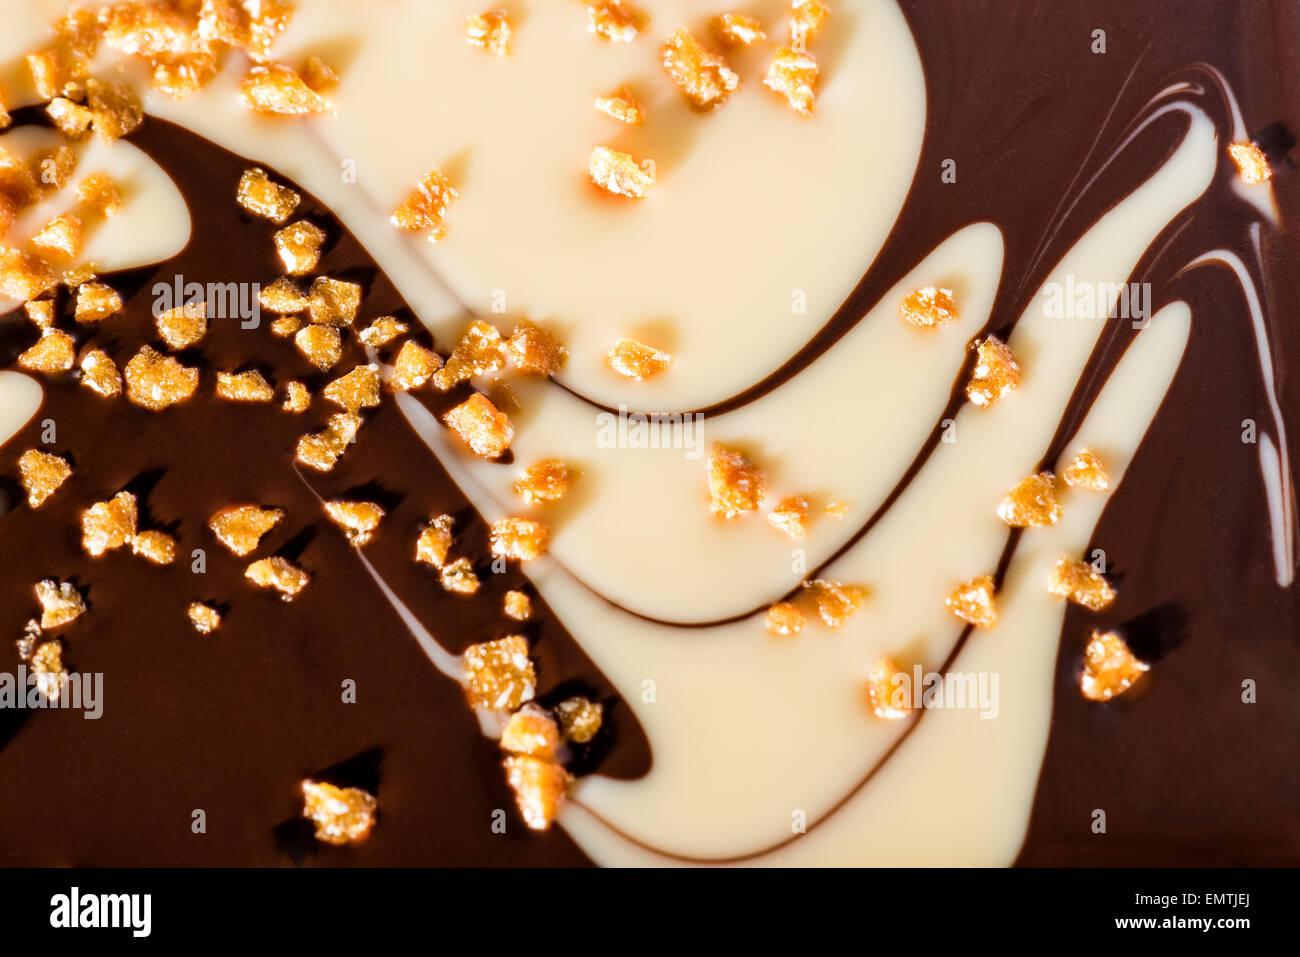 Deux tons exclusifs heureux chocolat au caramel et chocolat noir chocolat blanc studio light goûte salé Photo Stock